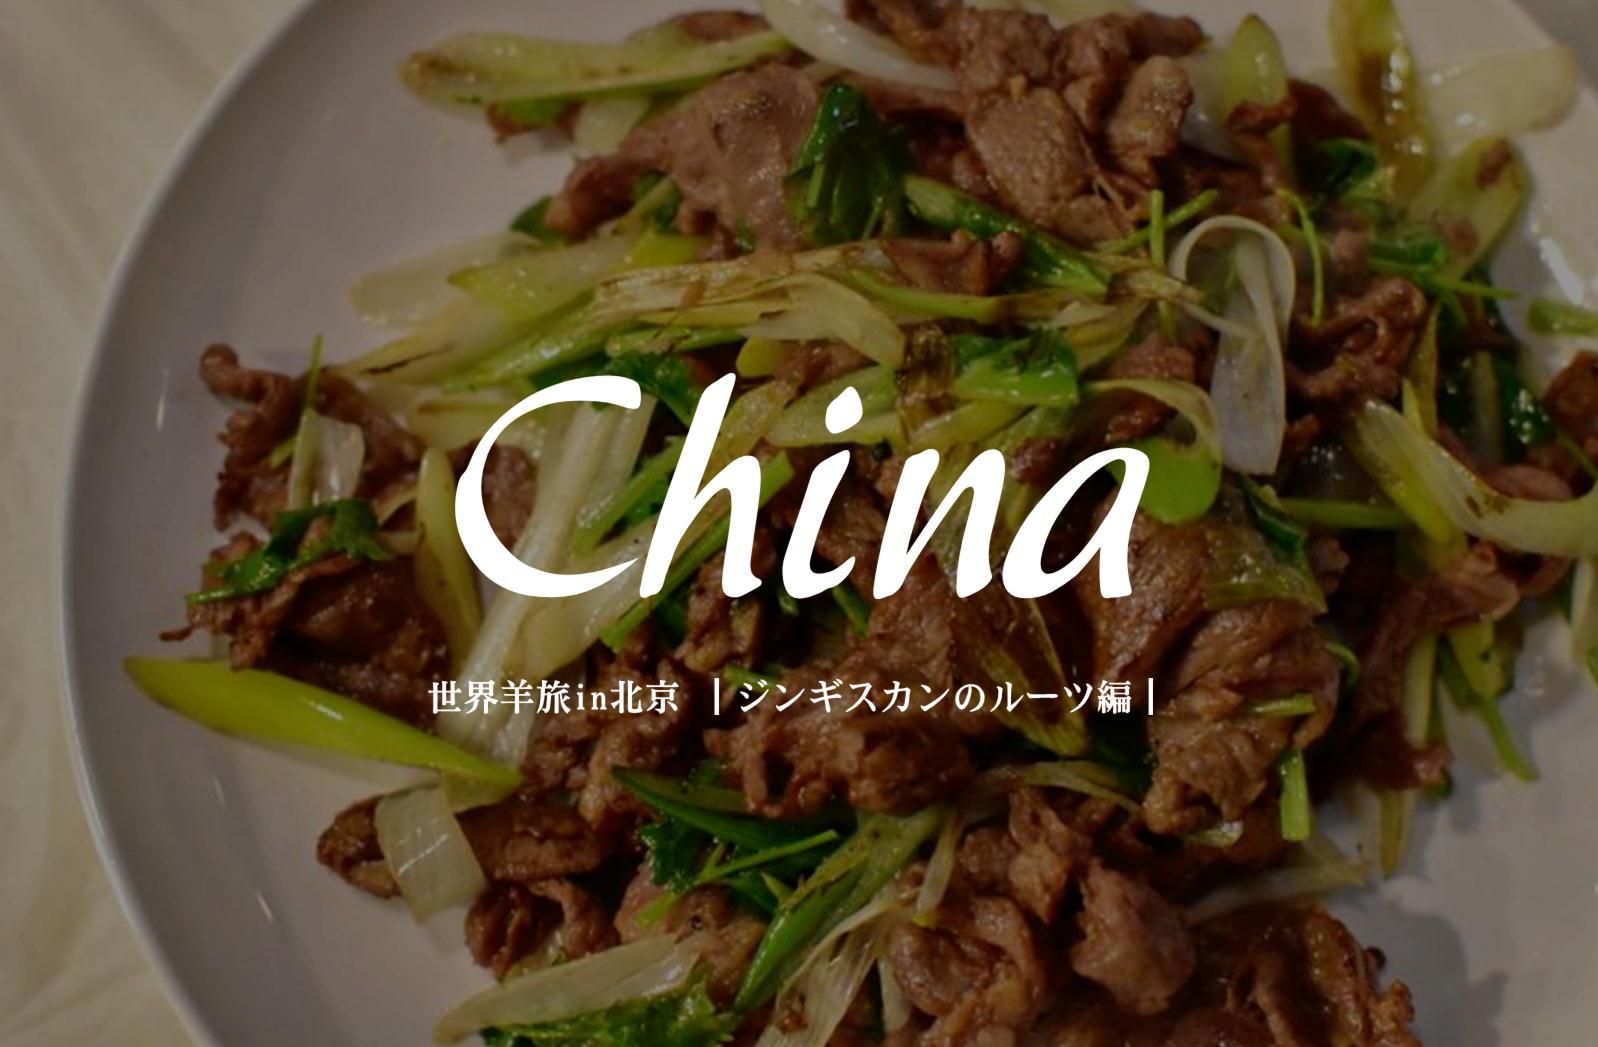 ジンギスカンの起源「烤羊肉」【中国/北京】